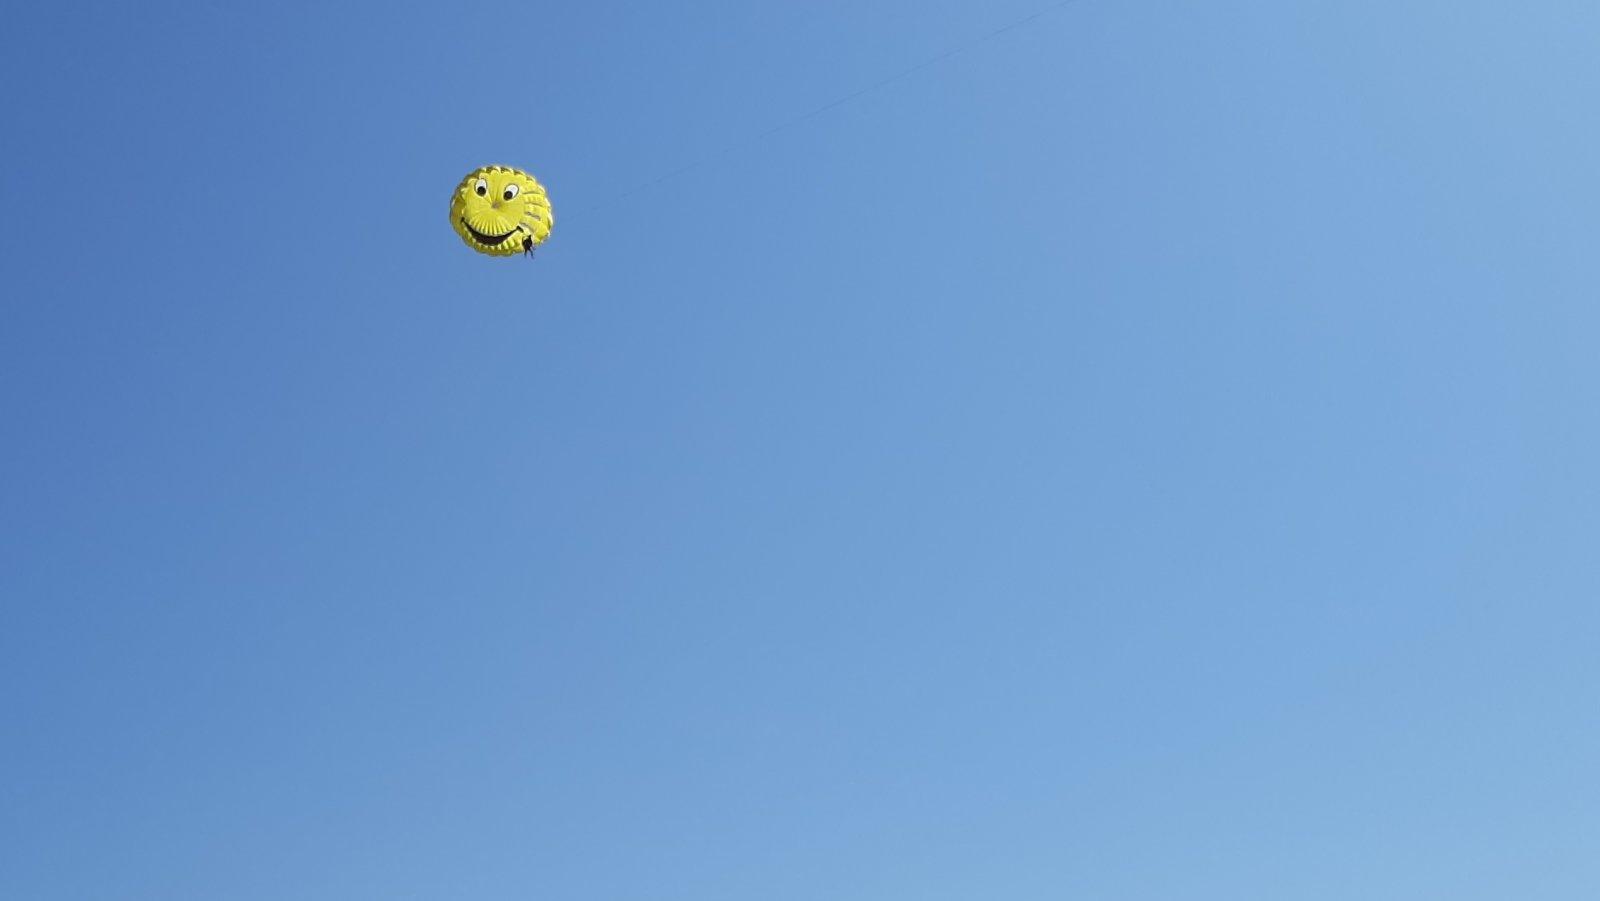 Вдруг небо улыбнулось смайлом :)